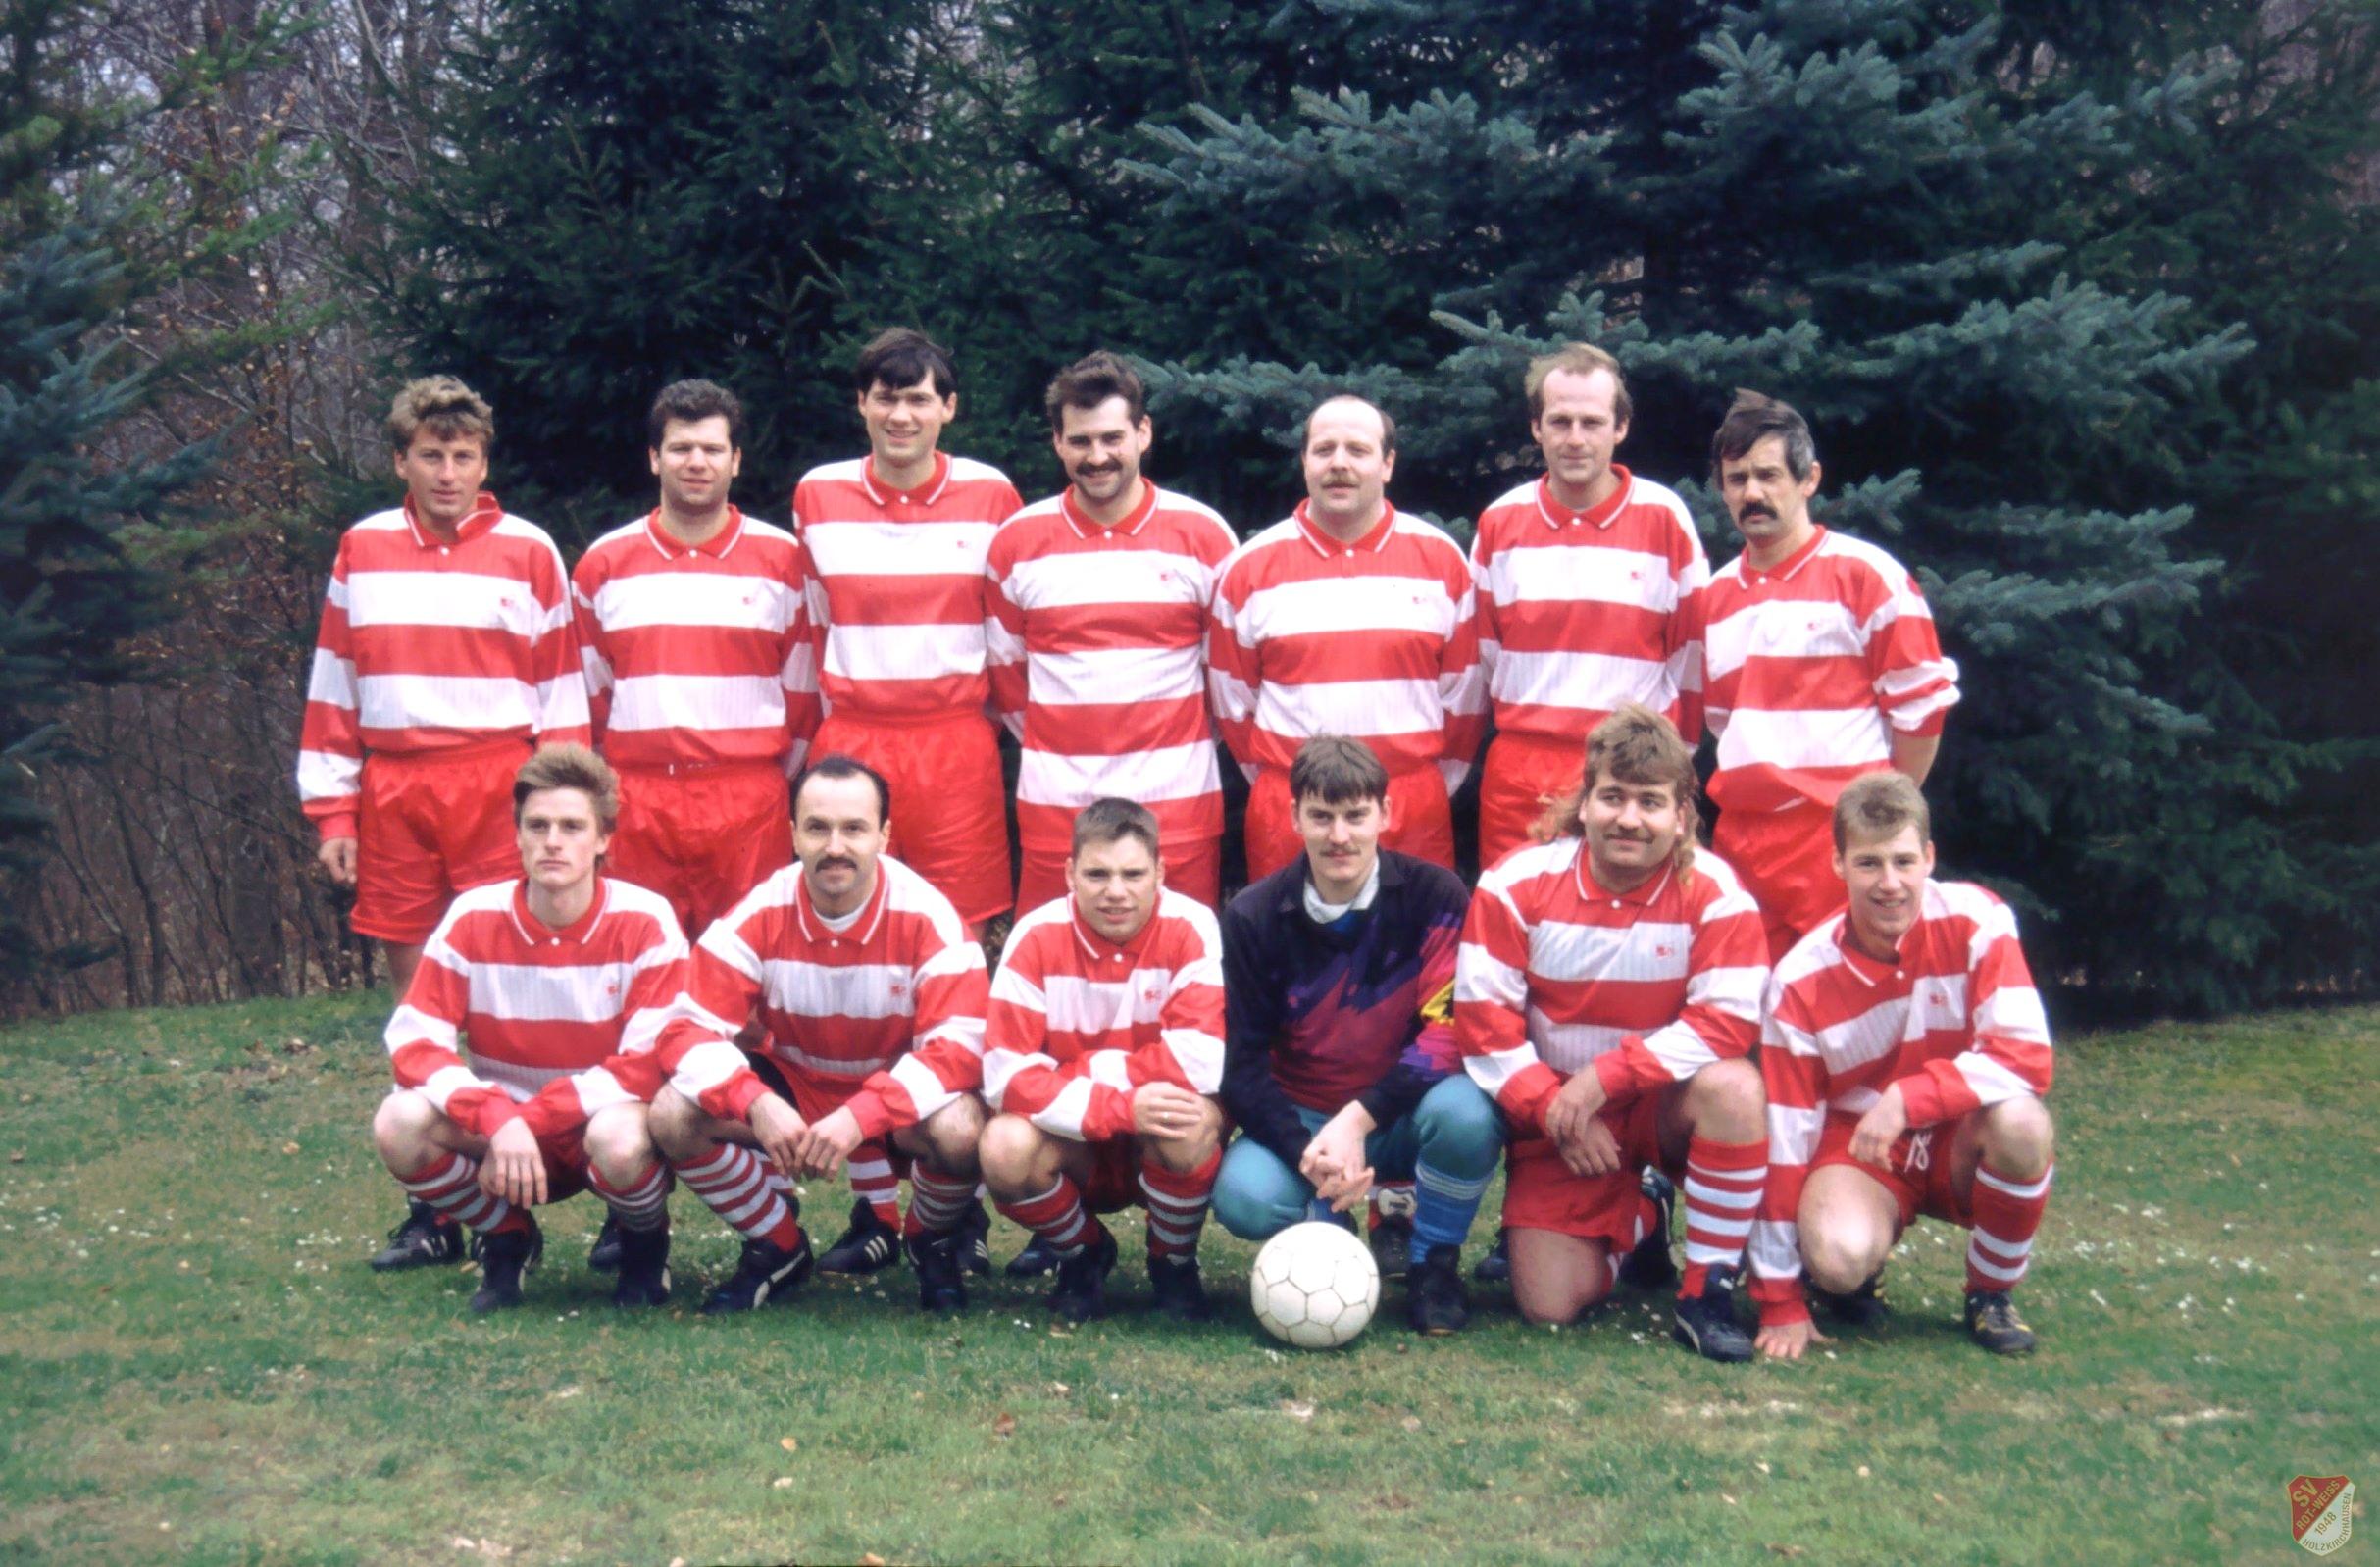 2. Mannschaft 1995